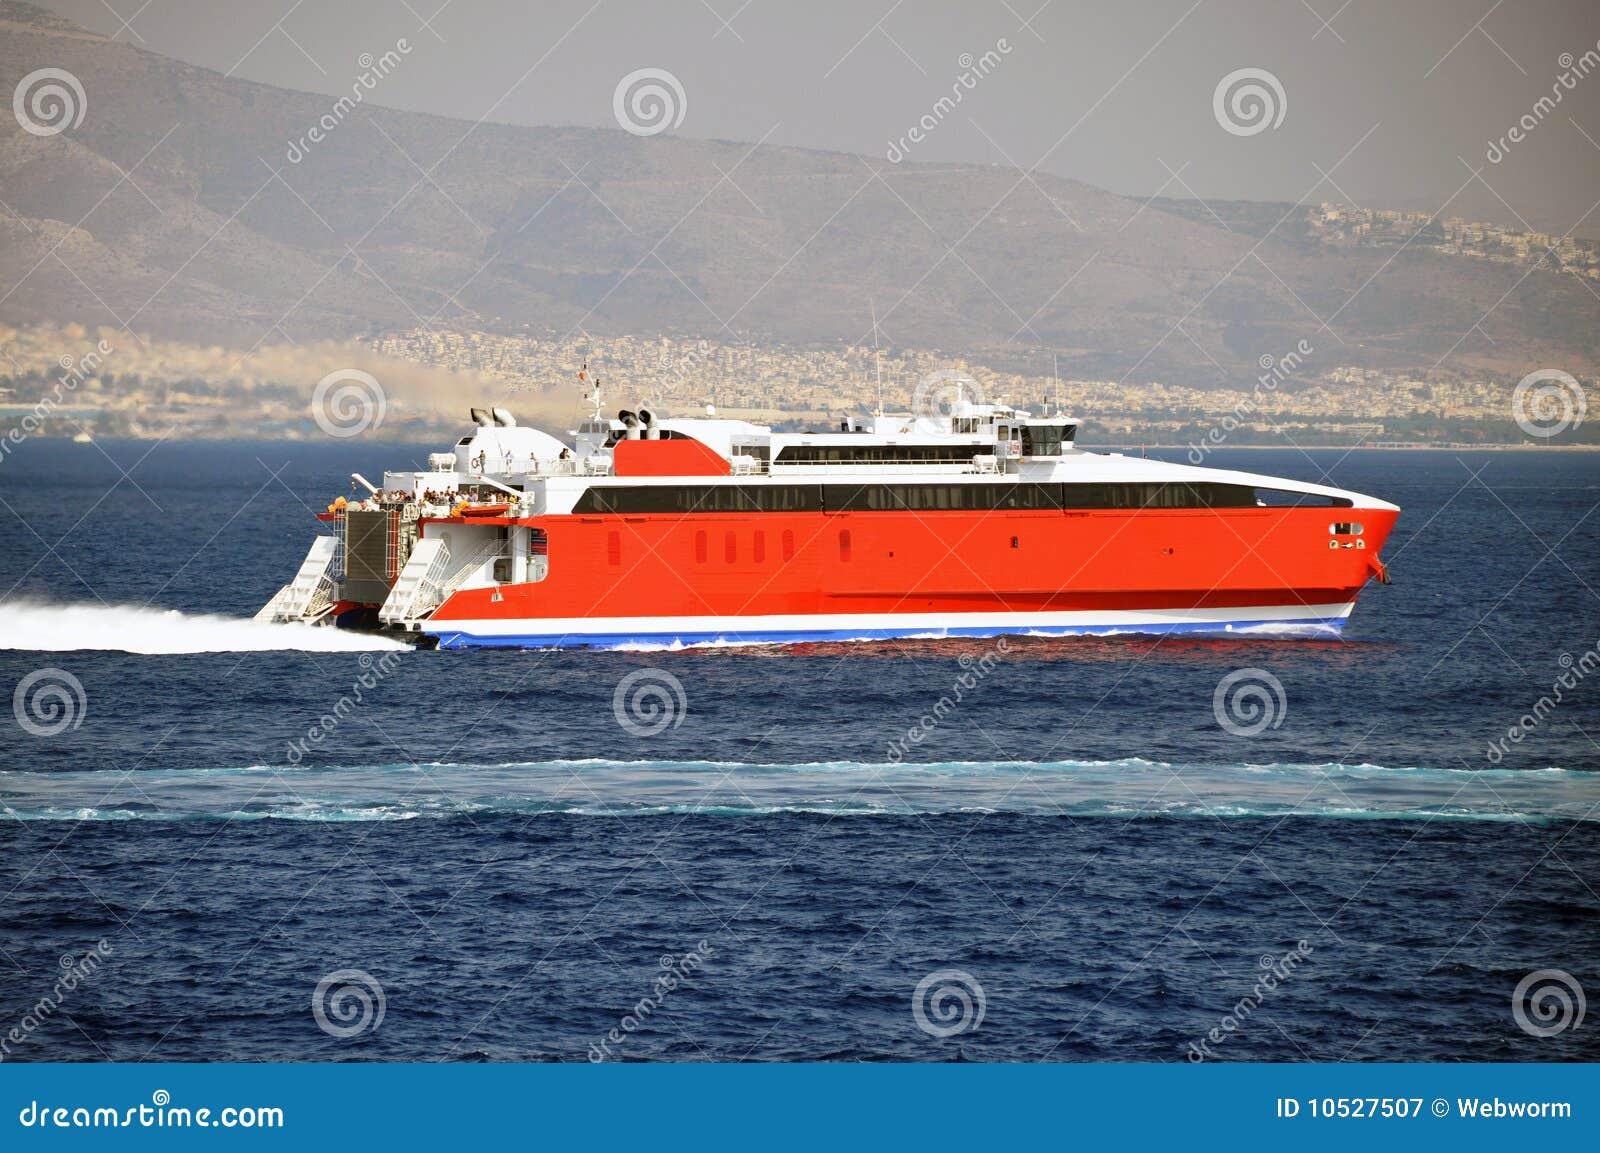 Hispeed ship